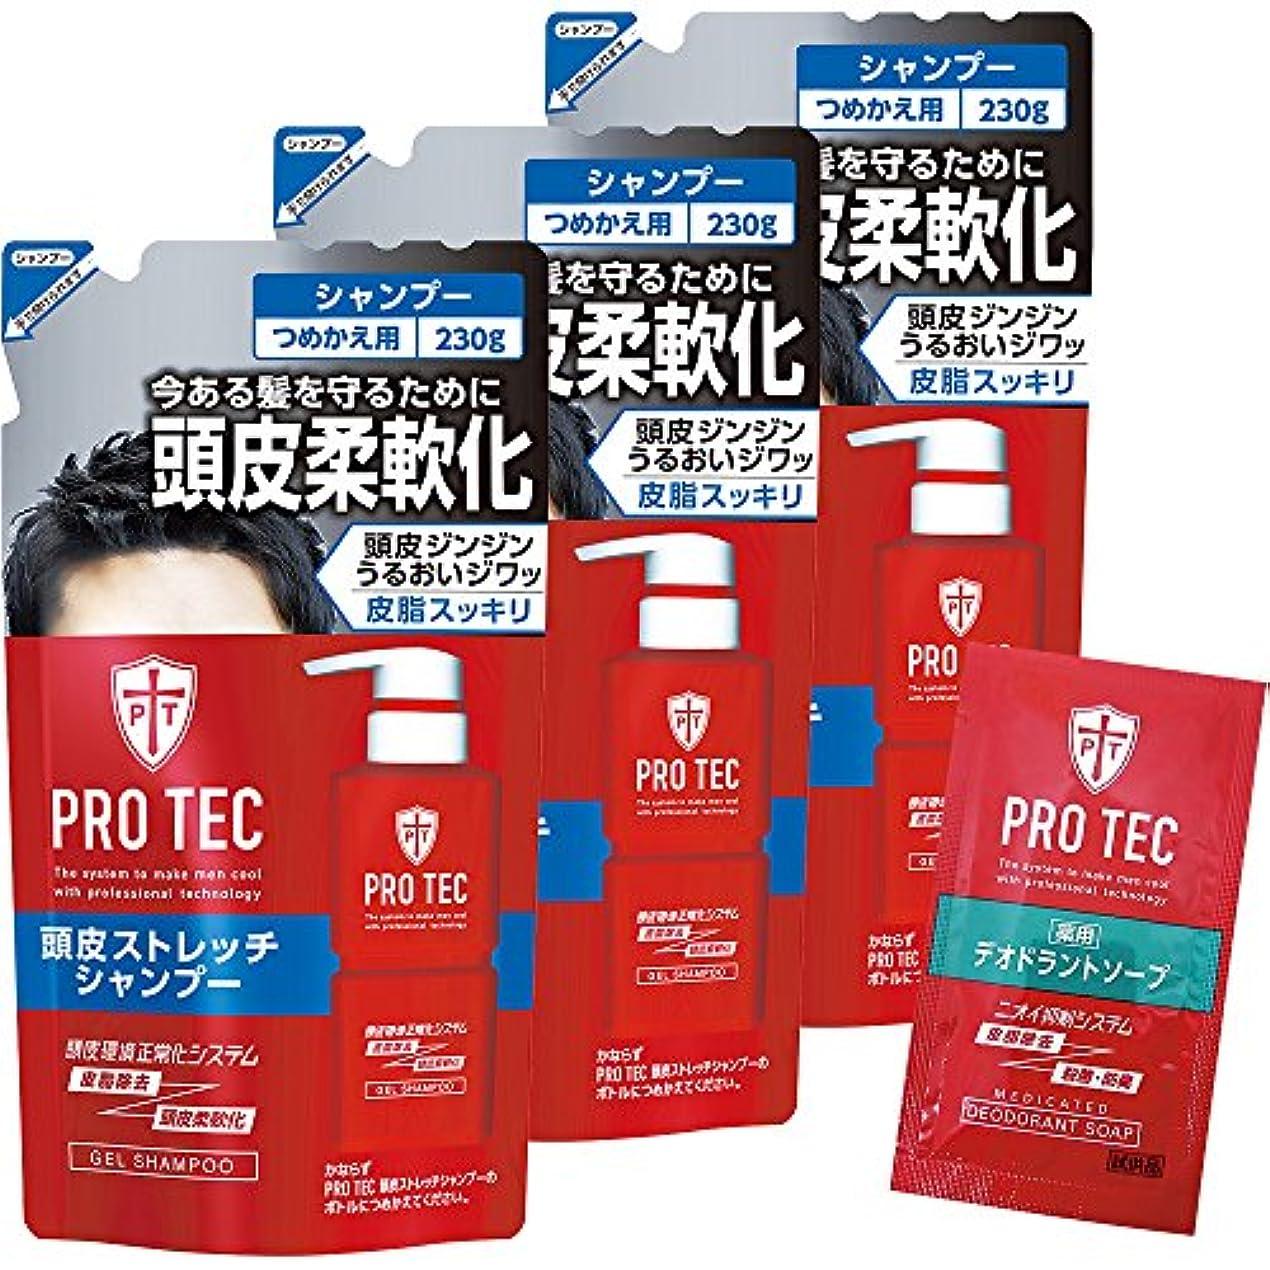 ペチコートガードコンピューター【Amazon.co.jp限定】PRO TEC(プロテク) 頭皮ストレッチ シャンプー 詰め替え 230g×3個パック+デオドラントソープ1回分付(医薬部外品)